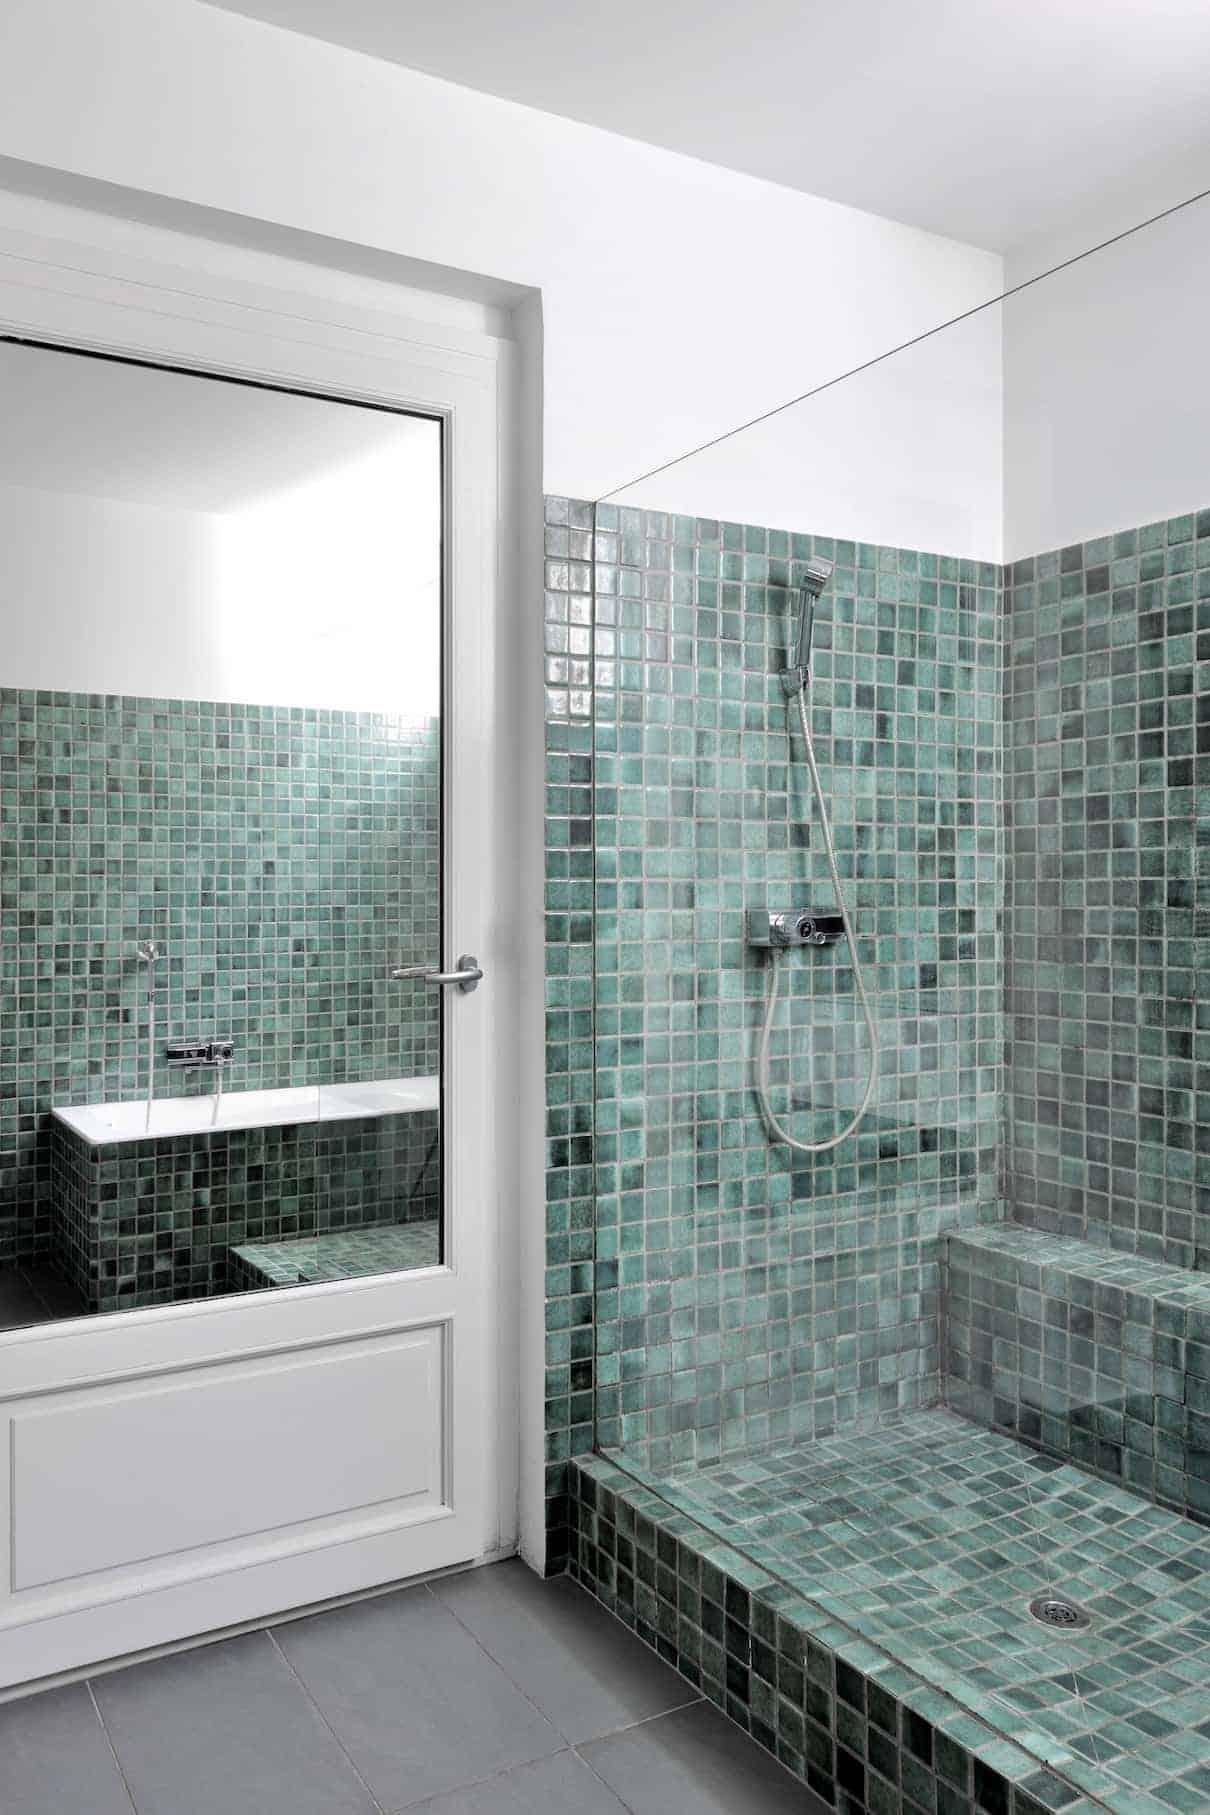 Salle de bains en pâtes de verre d'origine